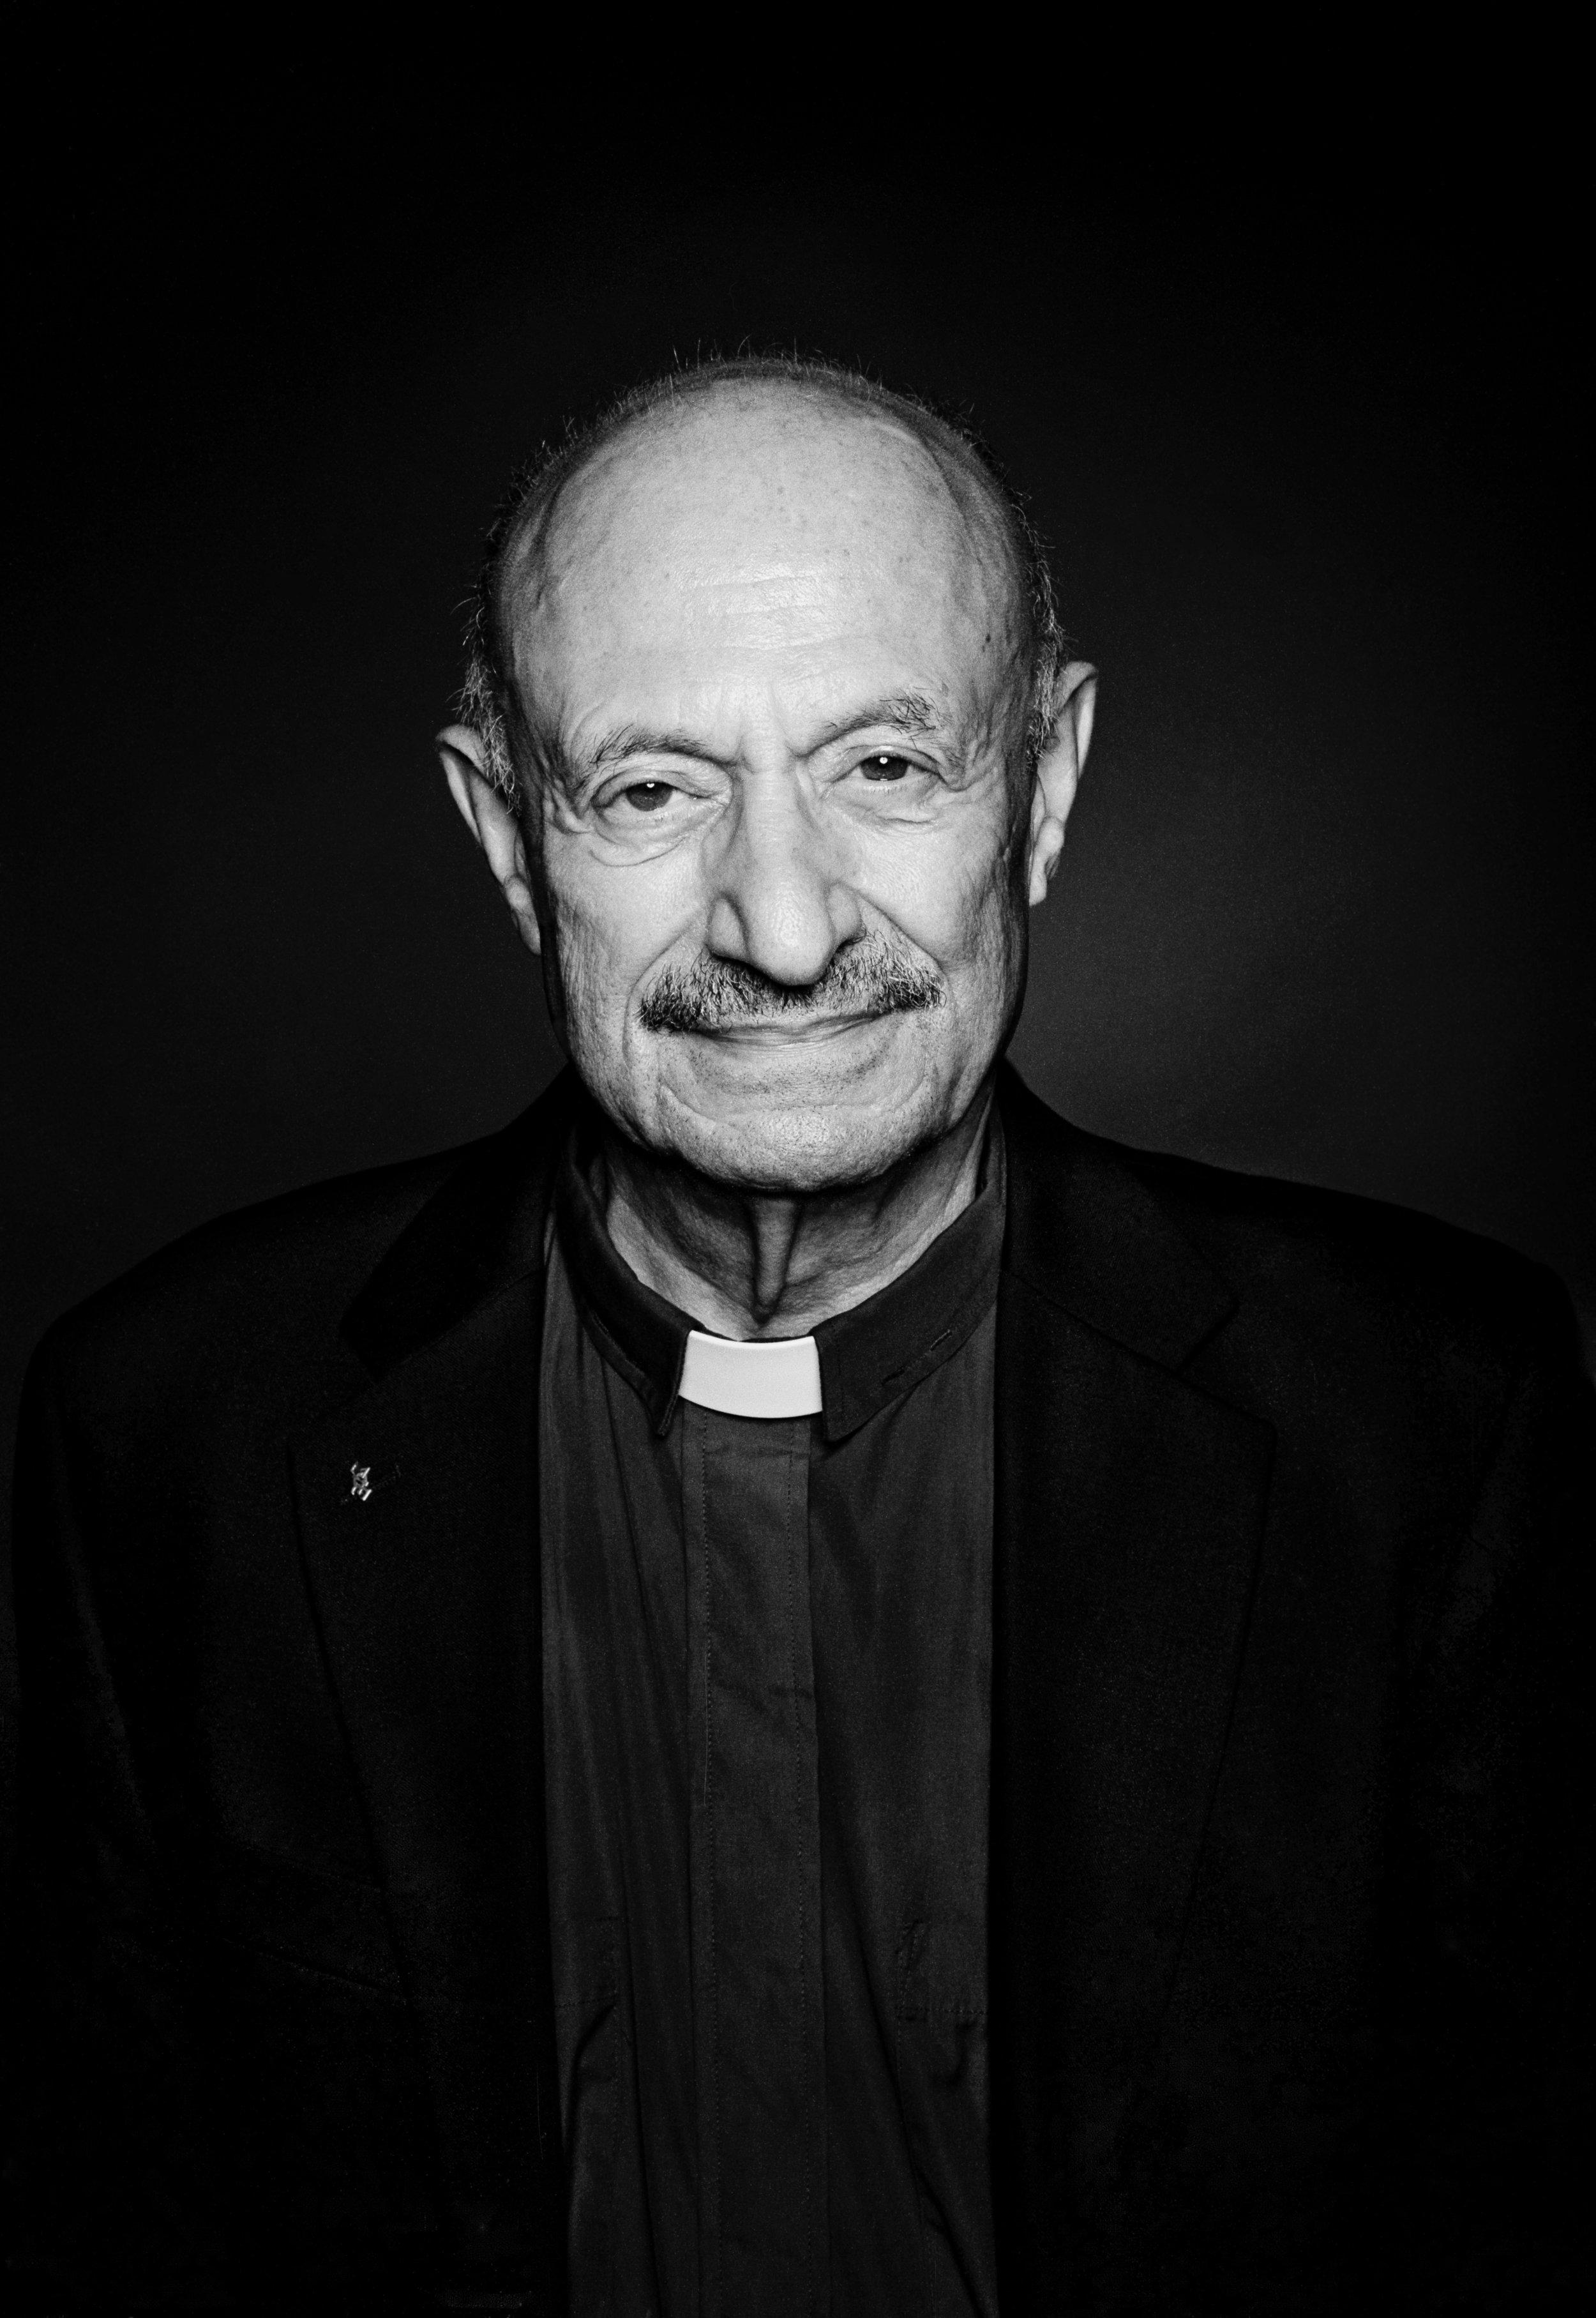 Inside the Film: Fr. Fulco, S. J.